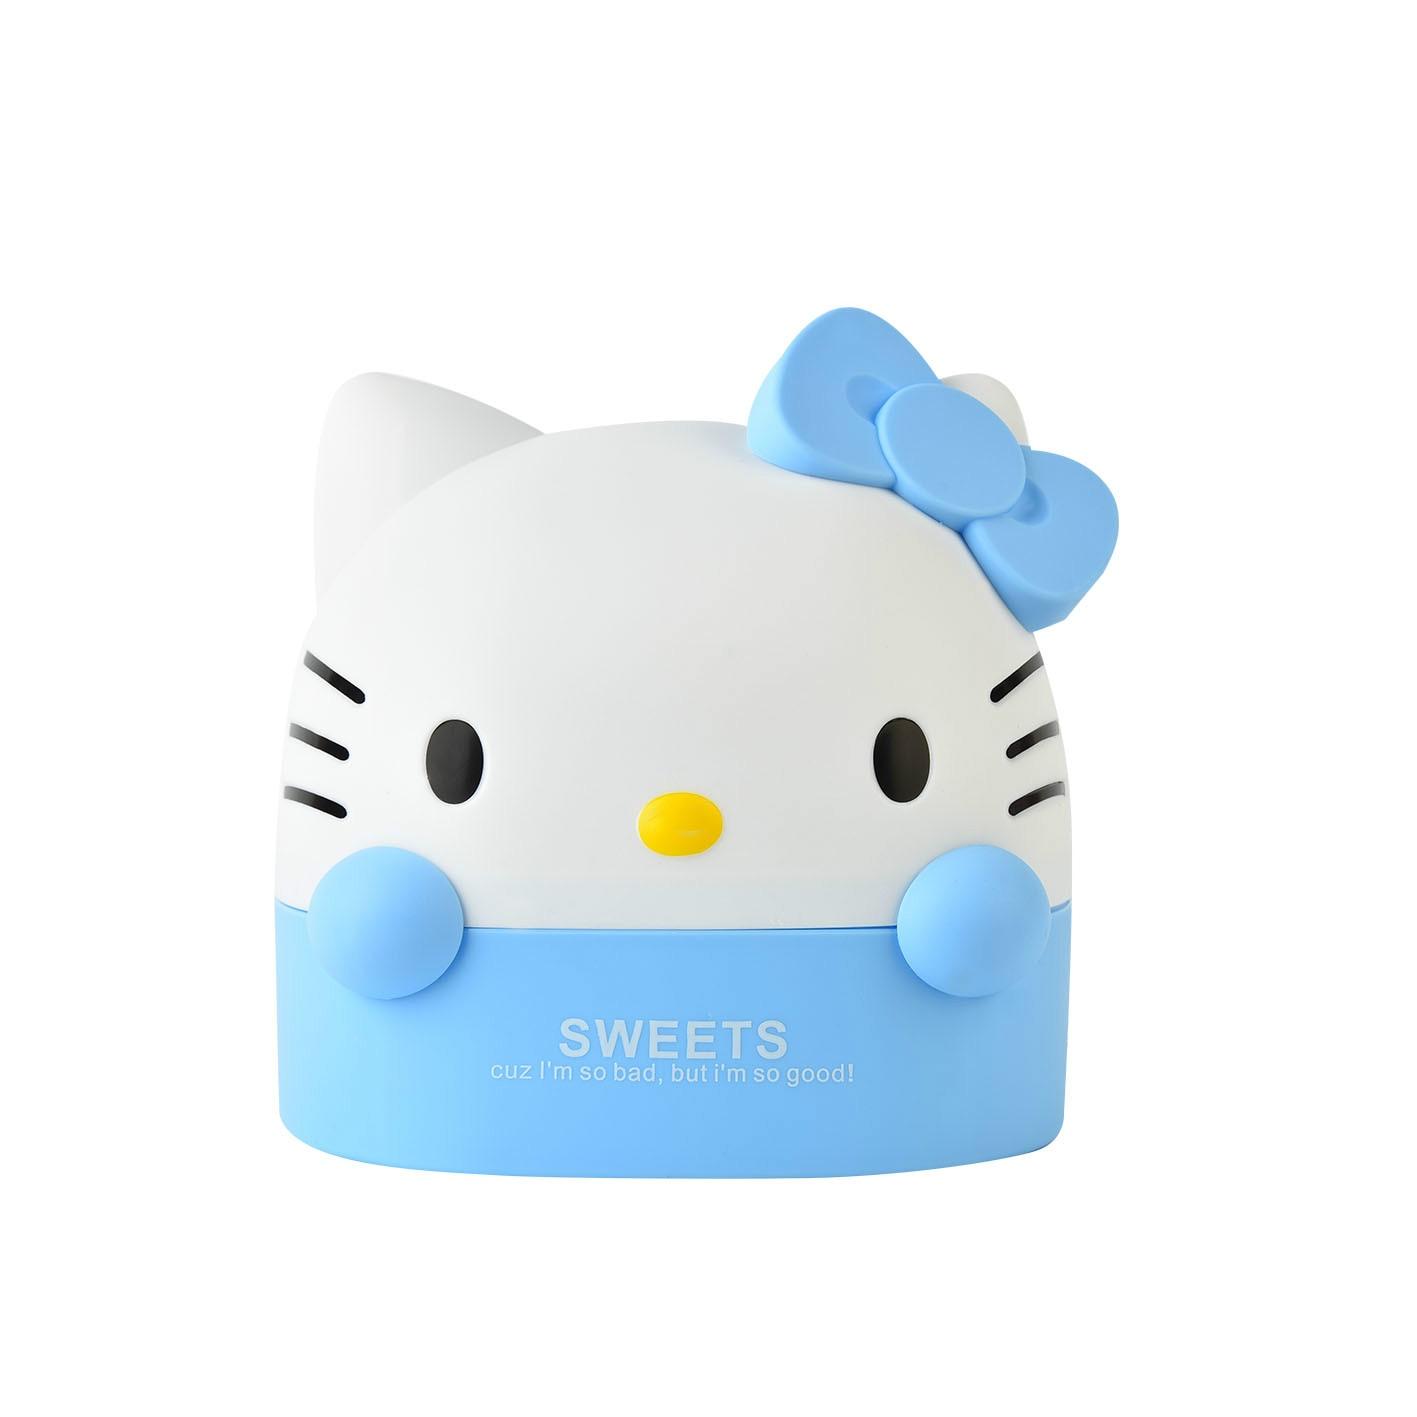 Nette Box Hallo Kitty Tissue Box Tissue Kanister - Home Storage und Organisation - Foto 5